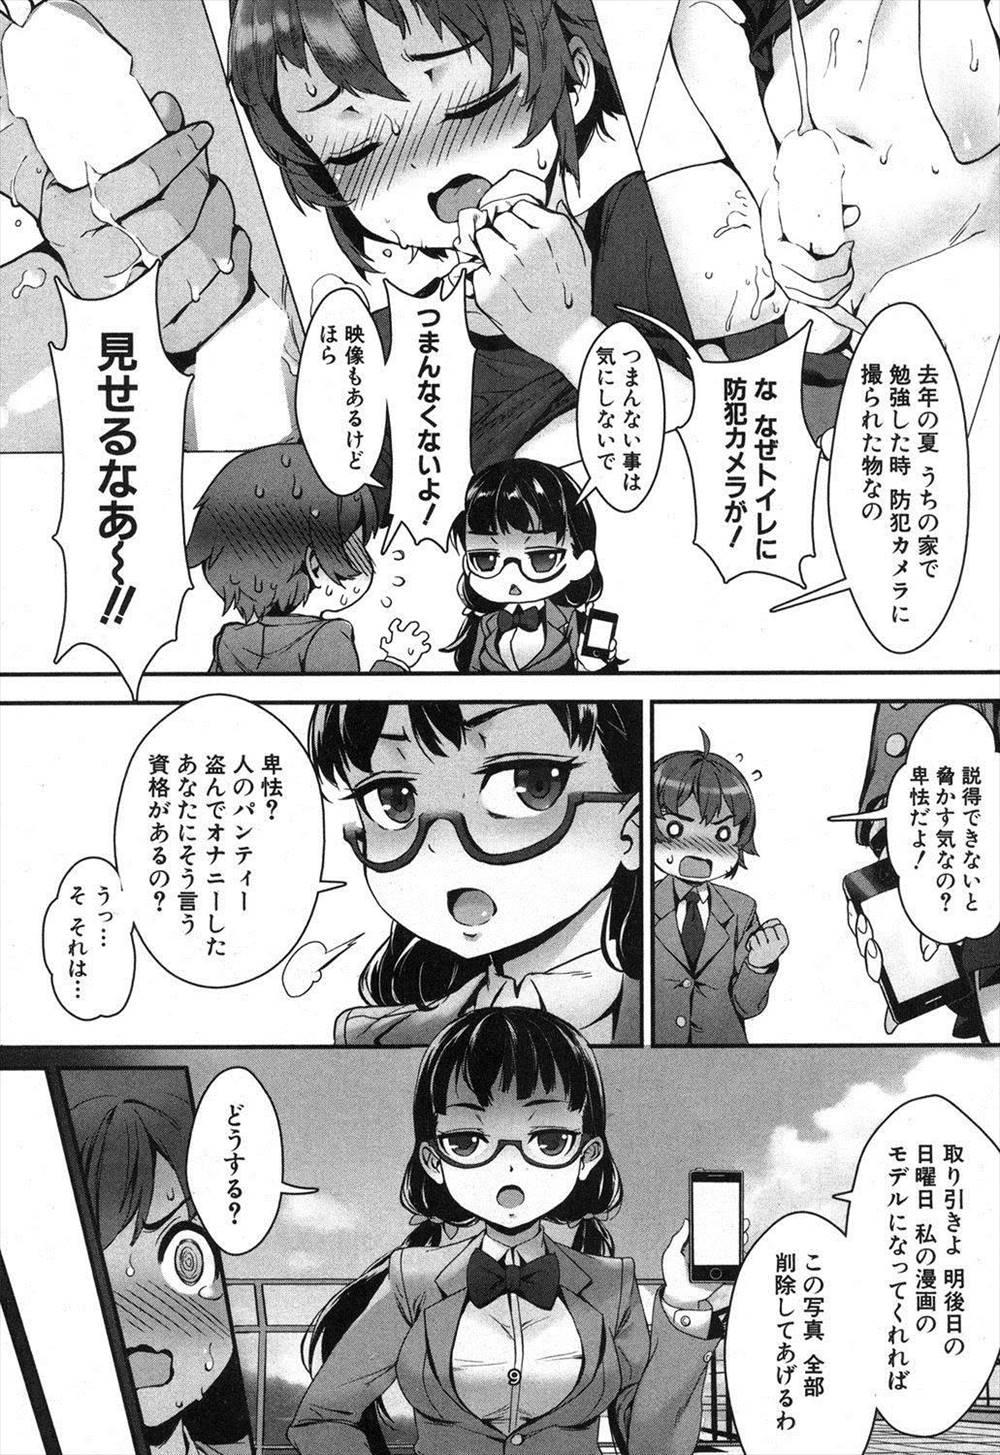 【エロ漫画】エロ漫画家になるために幼馴染男子を女生徒が囲んで強制生ハメセックスwwww